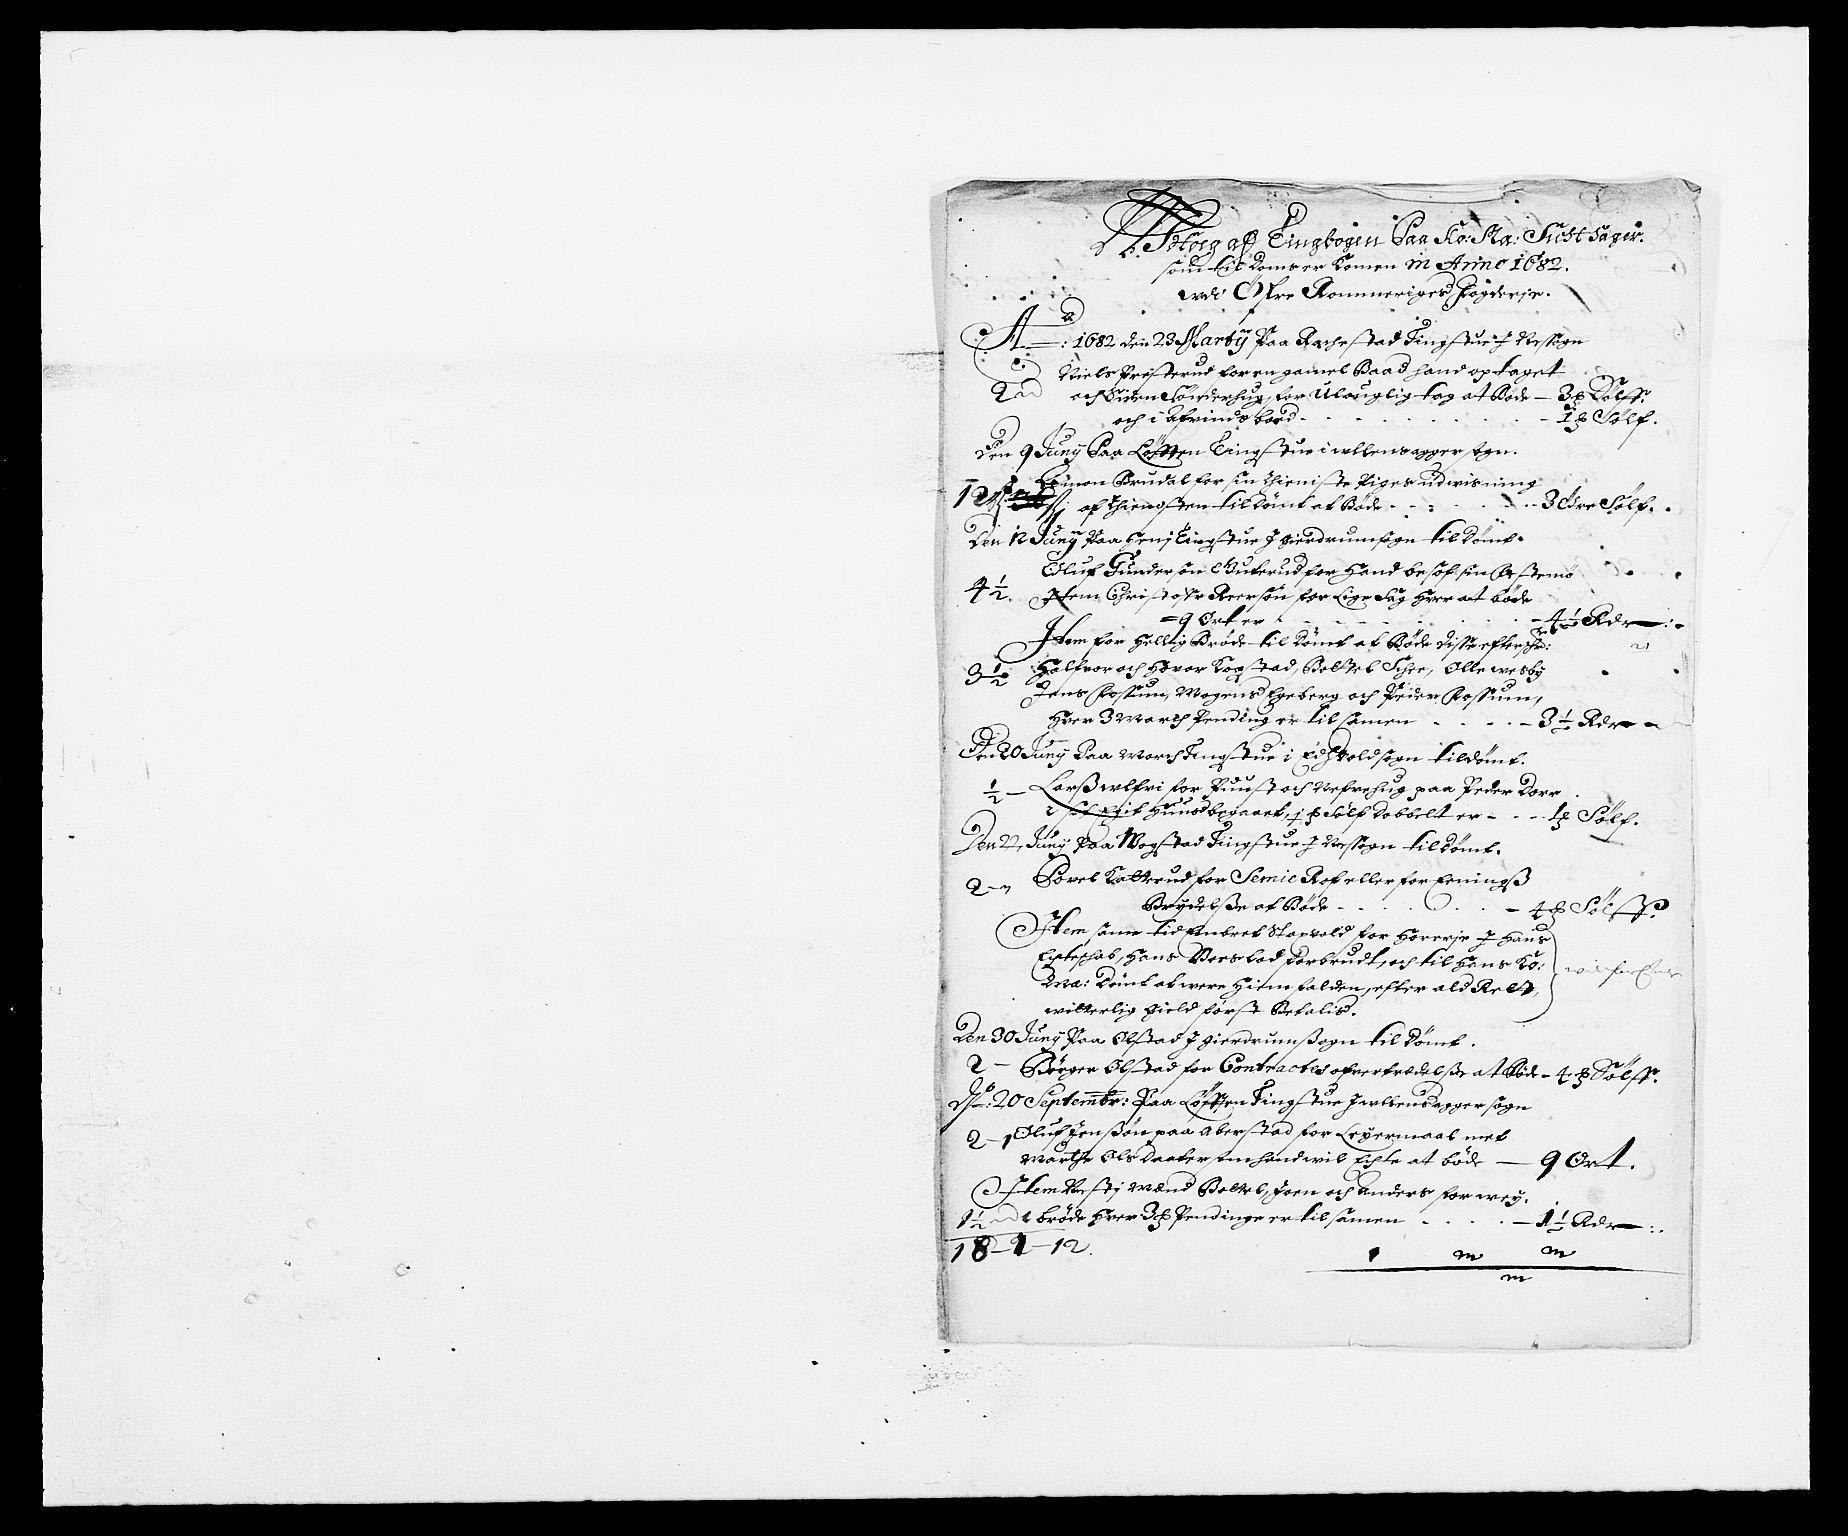 RA, Rentekammeret inntil 1814, Reviderte regnskaper, Fogderegnskap, R12/L0697: Fogderegnskap Øvre Romerike, 1682-1683, s. 94